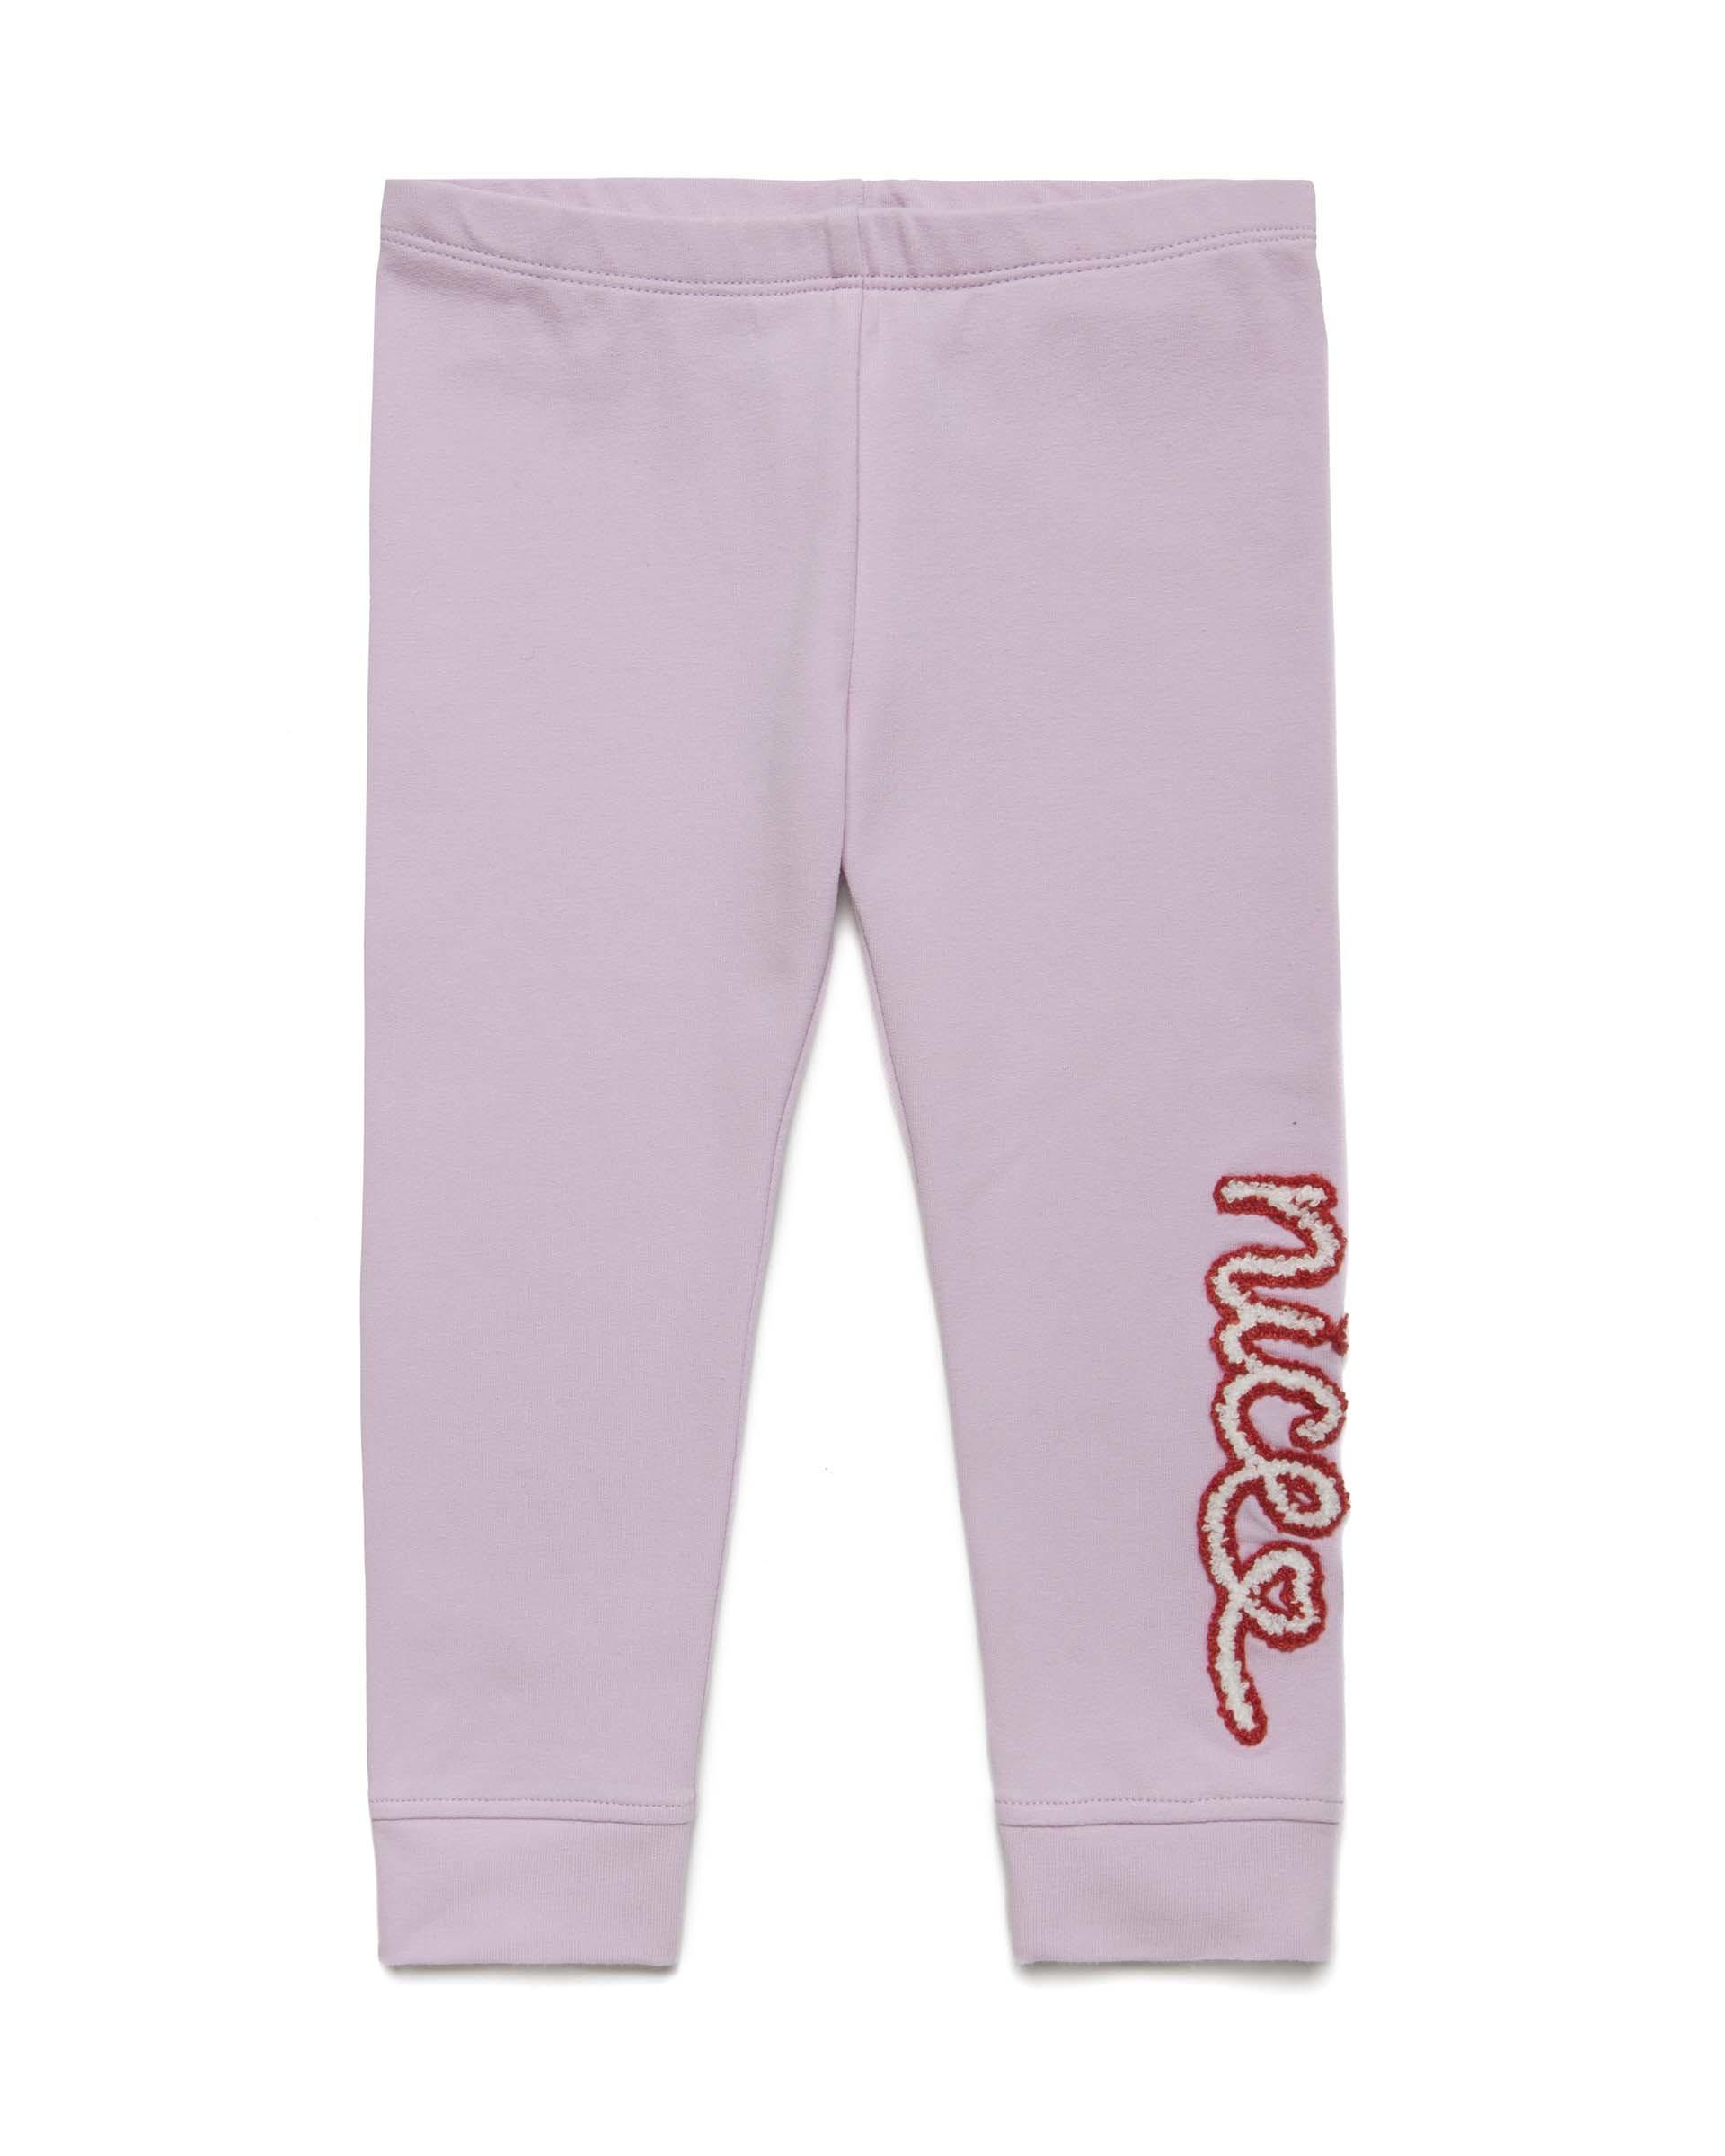 Купить 20P_3CY4I02EP_07M, Спортивные брюки для девочек Benetton 3CY4I02EP_07M р-р 80, United Colors of Benetton, Шорты и брюки для новорожденных